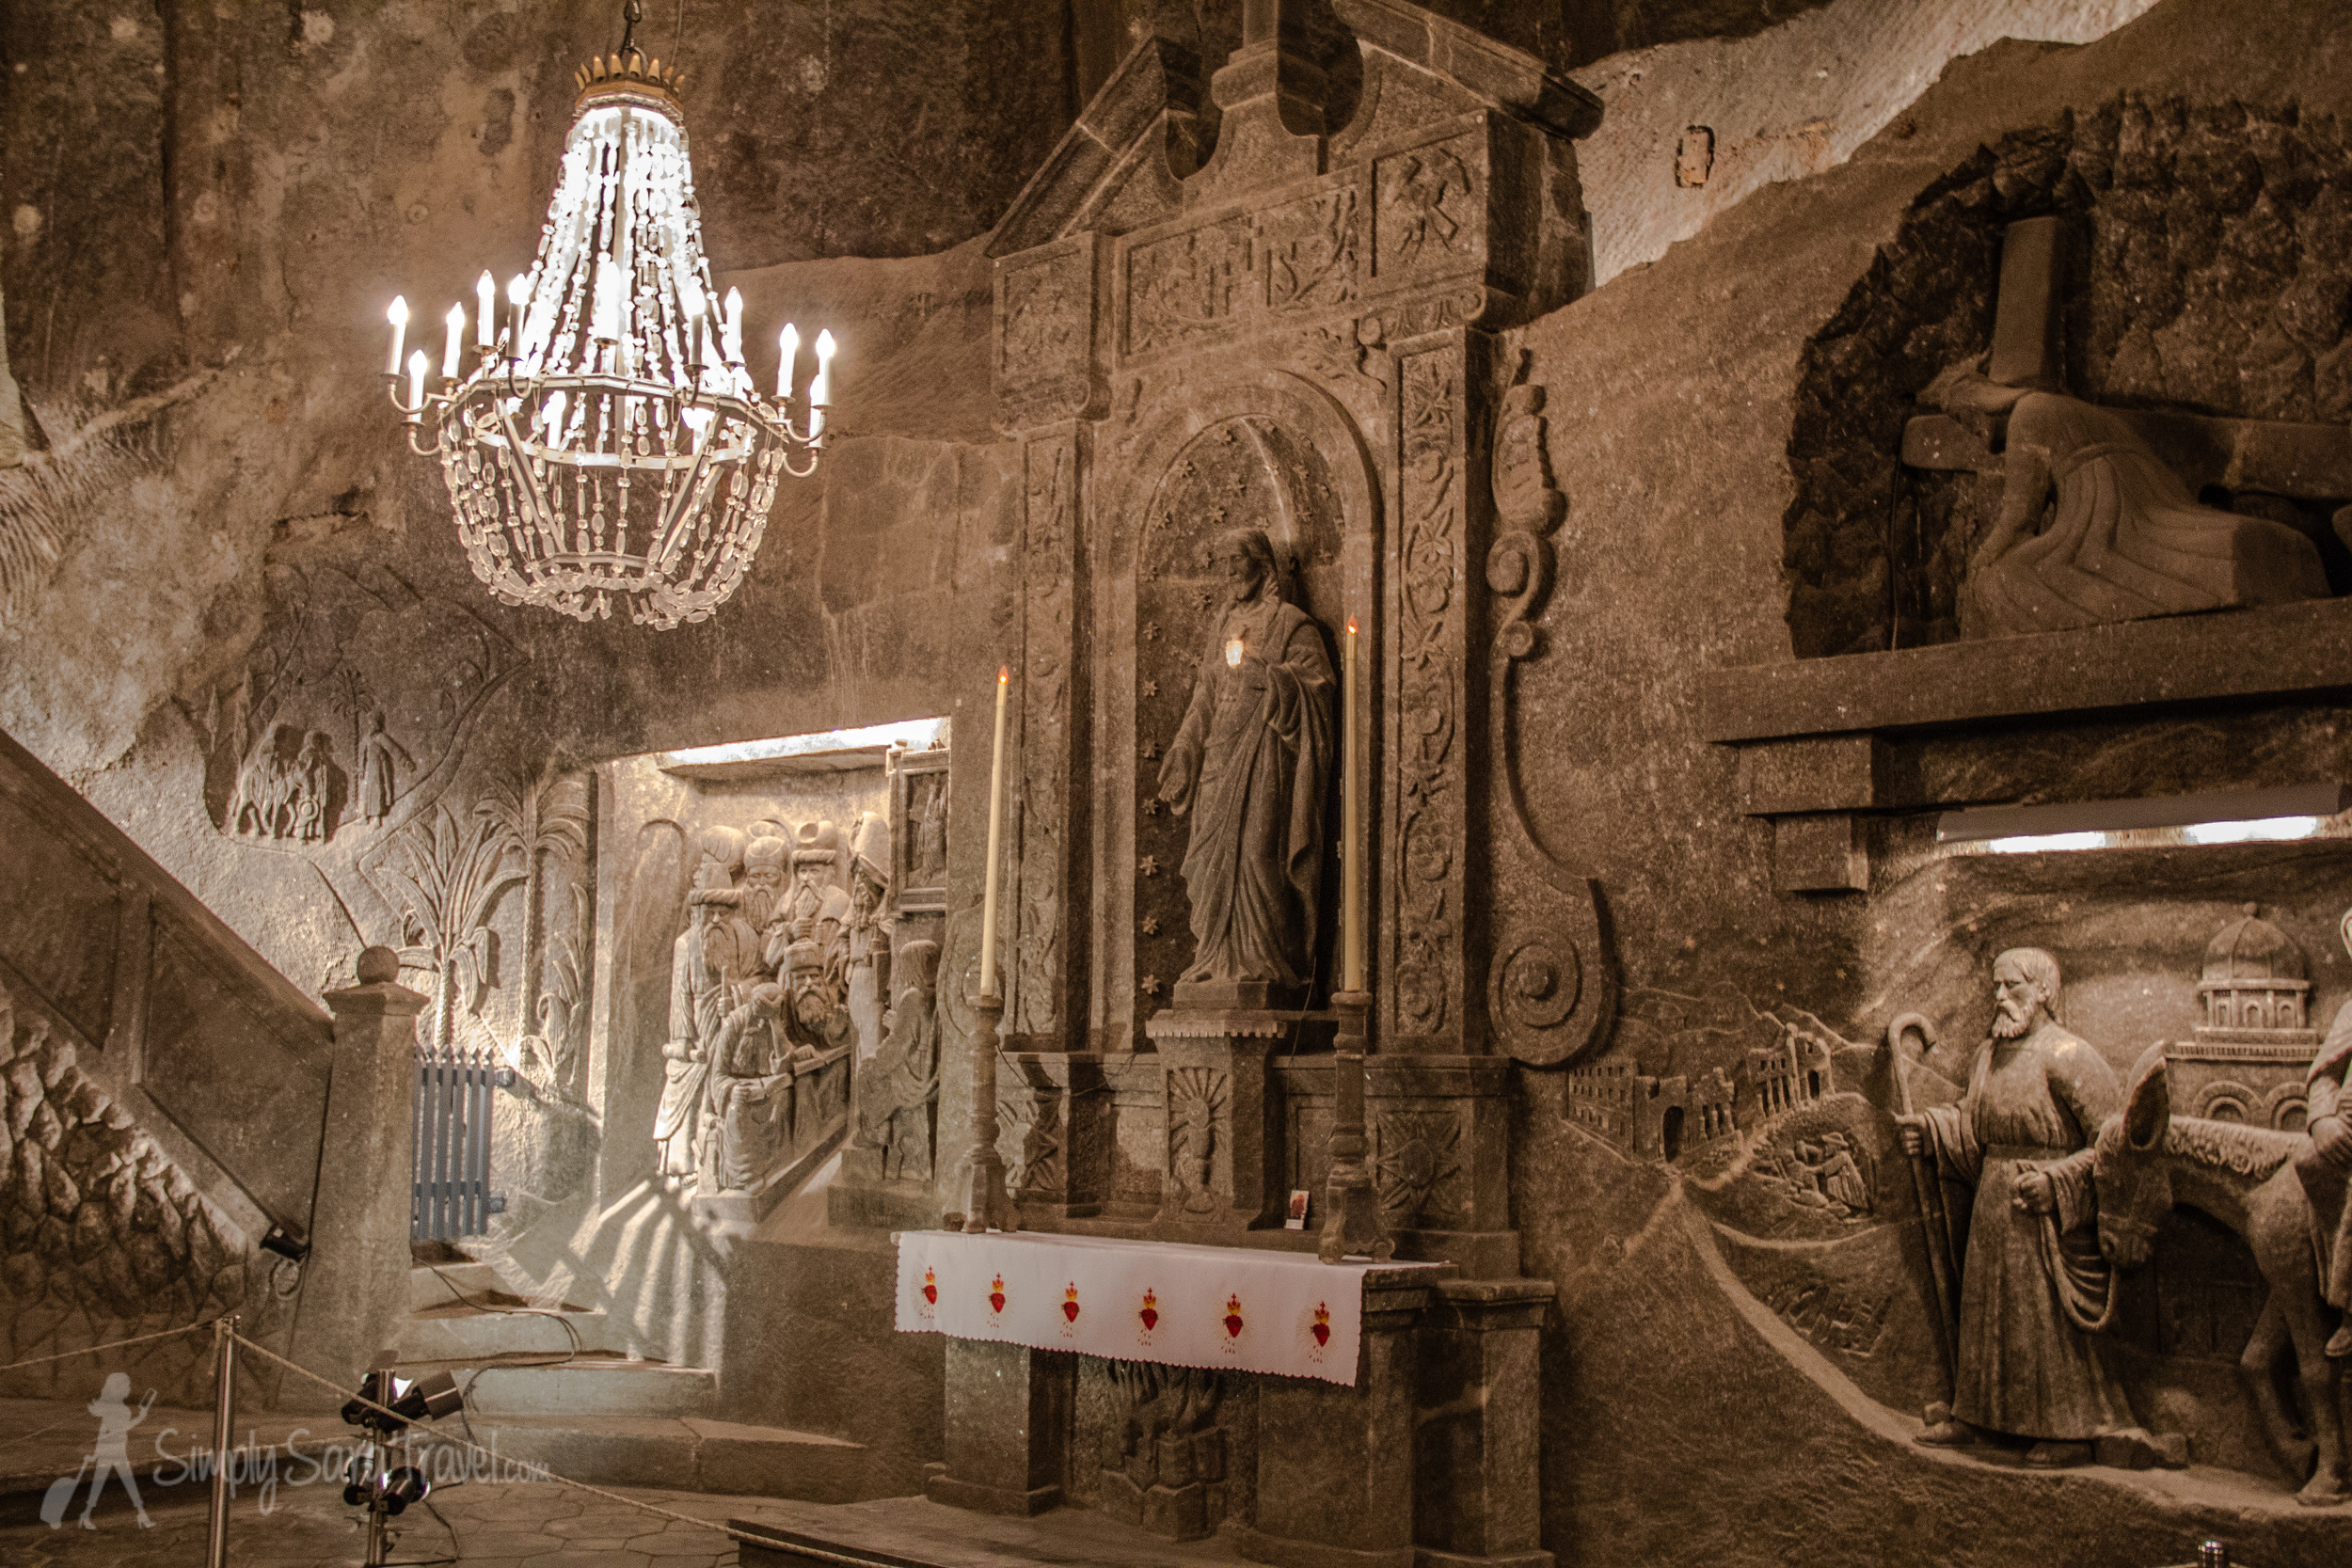 Details inSt. Kinga's Chapel,Wieliczka Salt Mine, Poland